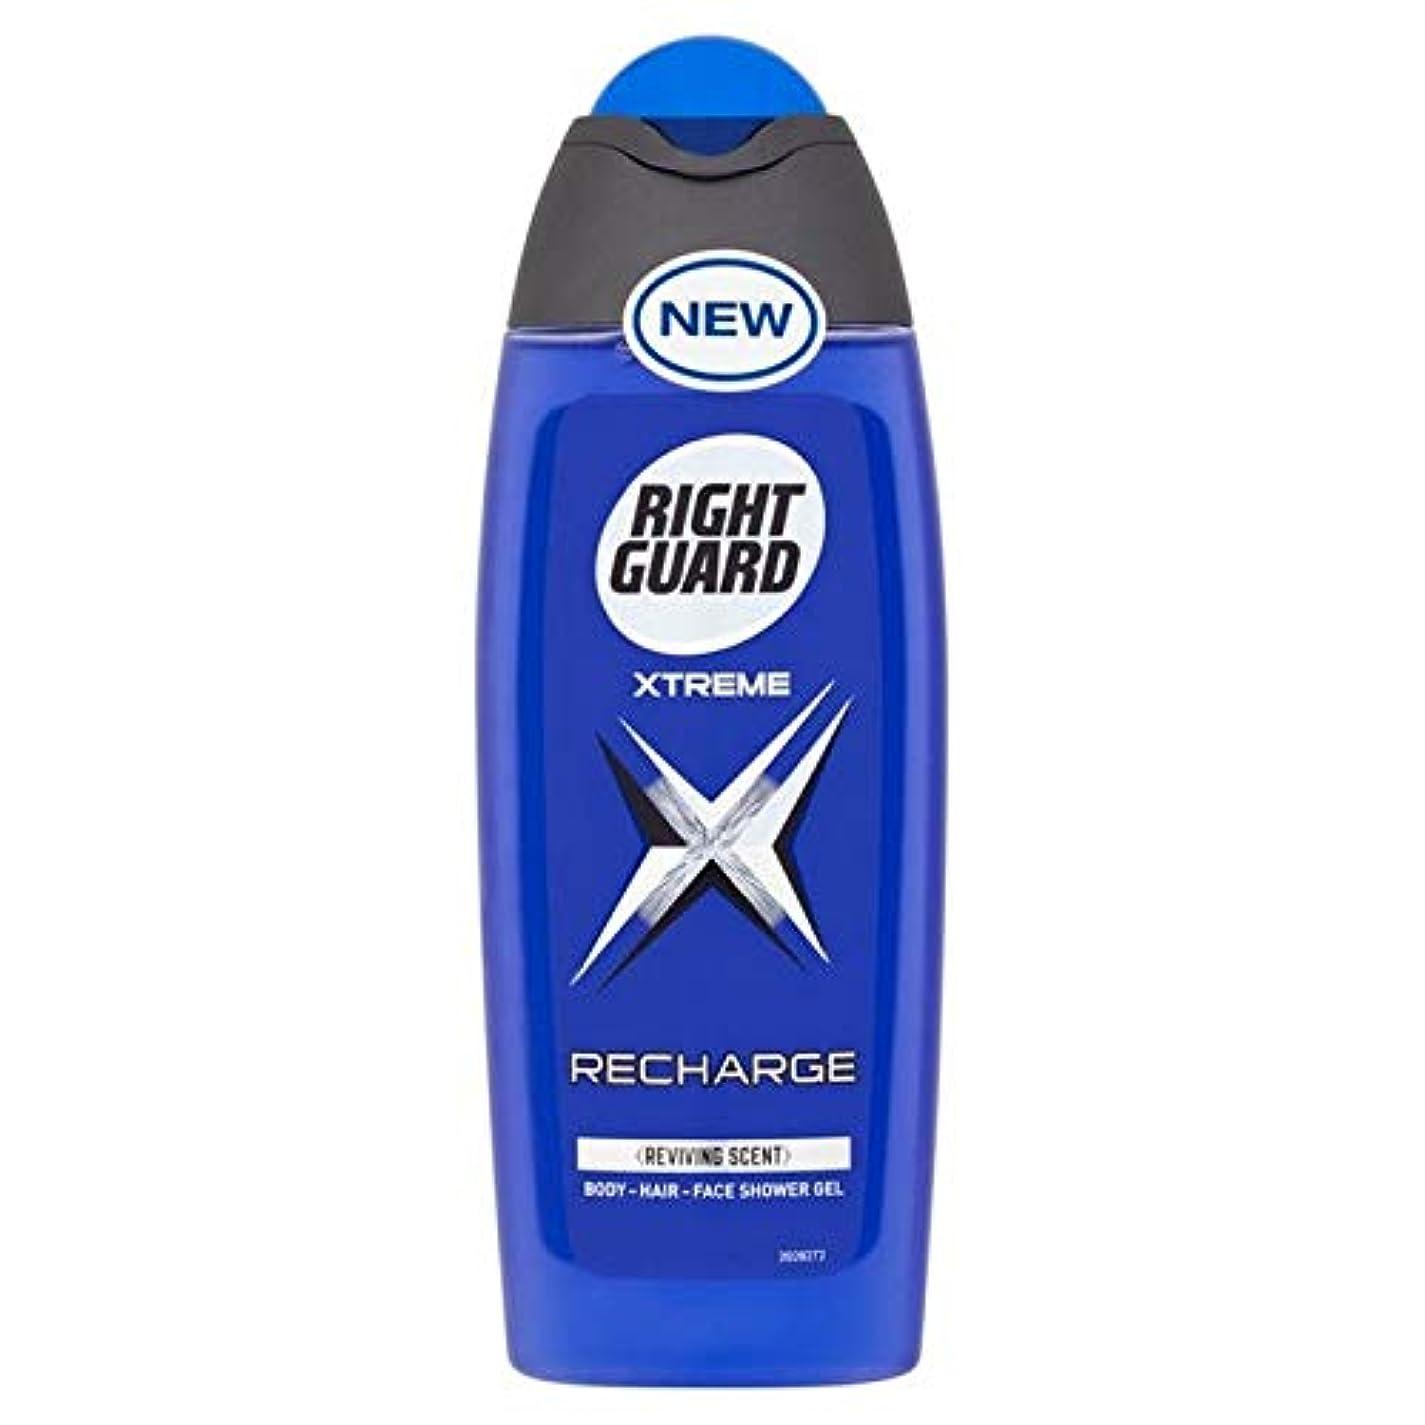 欠かせないプライバシーヤング[Right Guard ] 1件のシャワージェル250ミリリットルの右ガードエクストリーム涵養2 - Right Guard Xtreme Recharge 2 in 1 Shower Gel 250ml [並行輸入品]